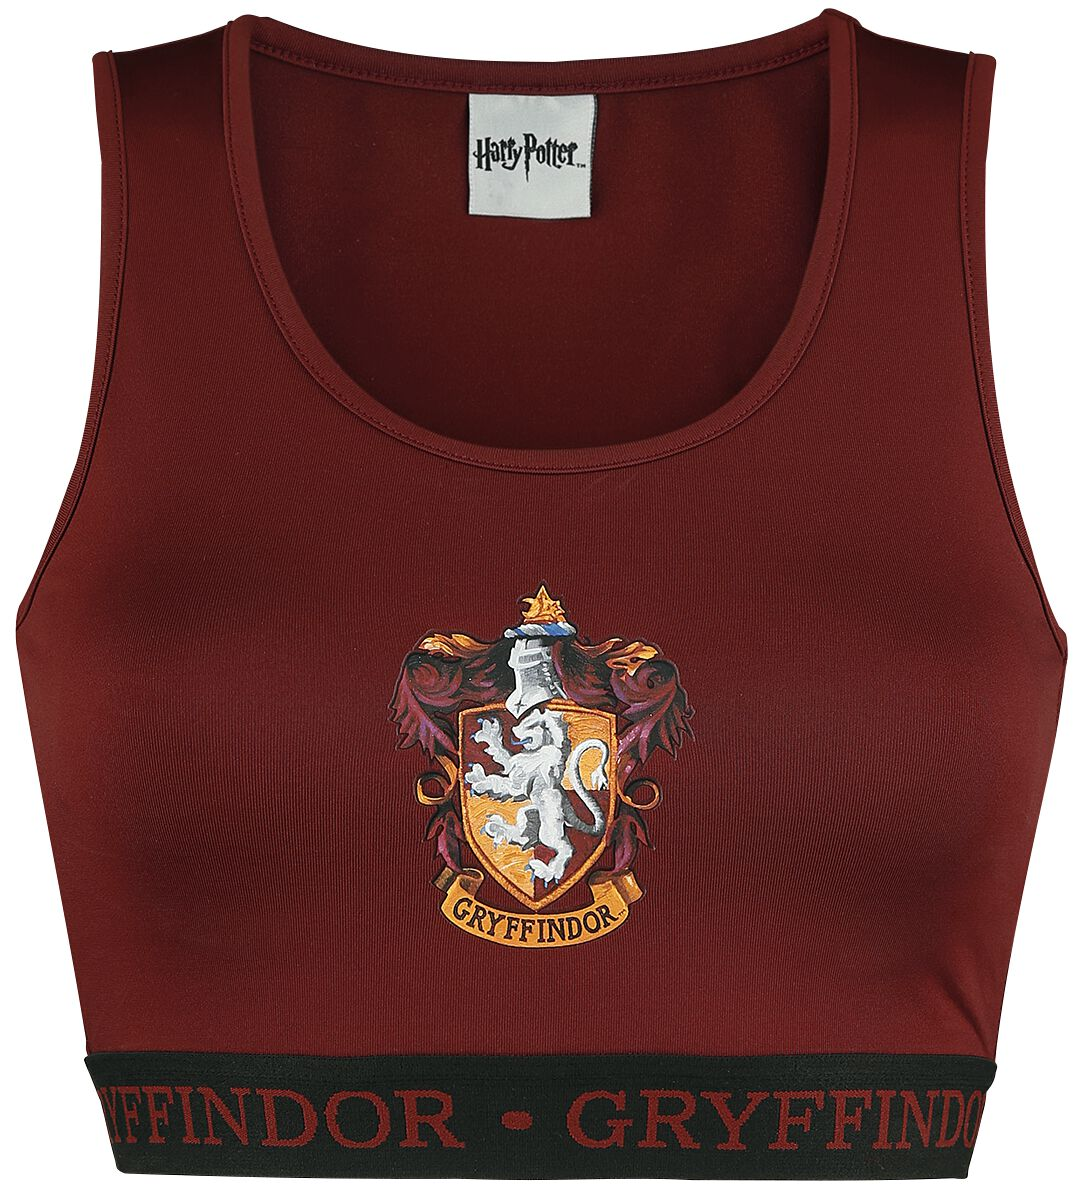 Merch dla Fanów - Bielizna - Bielizna Harry Potter Gryffindor Bielizna czerwony/czarmy - 371225